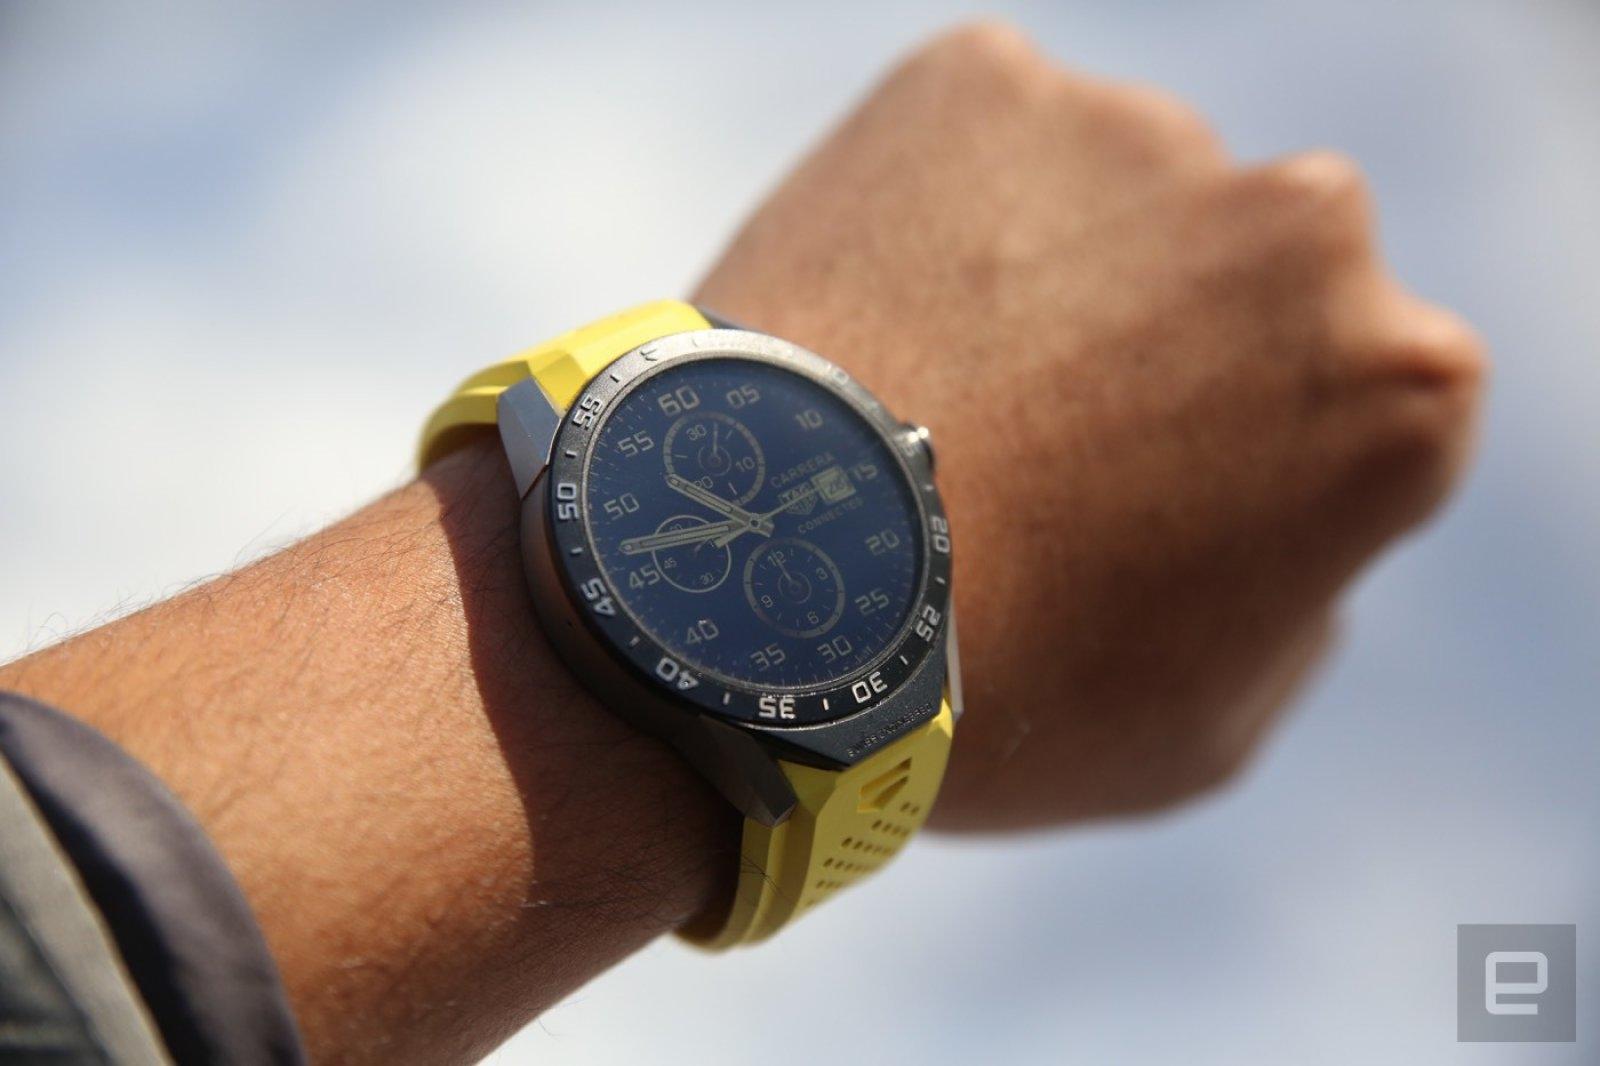 TAG Heuer confirma que desvelará su nuevo (y posiblemente carísimo) reloj androide mañana